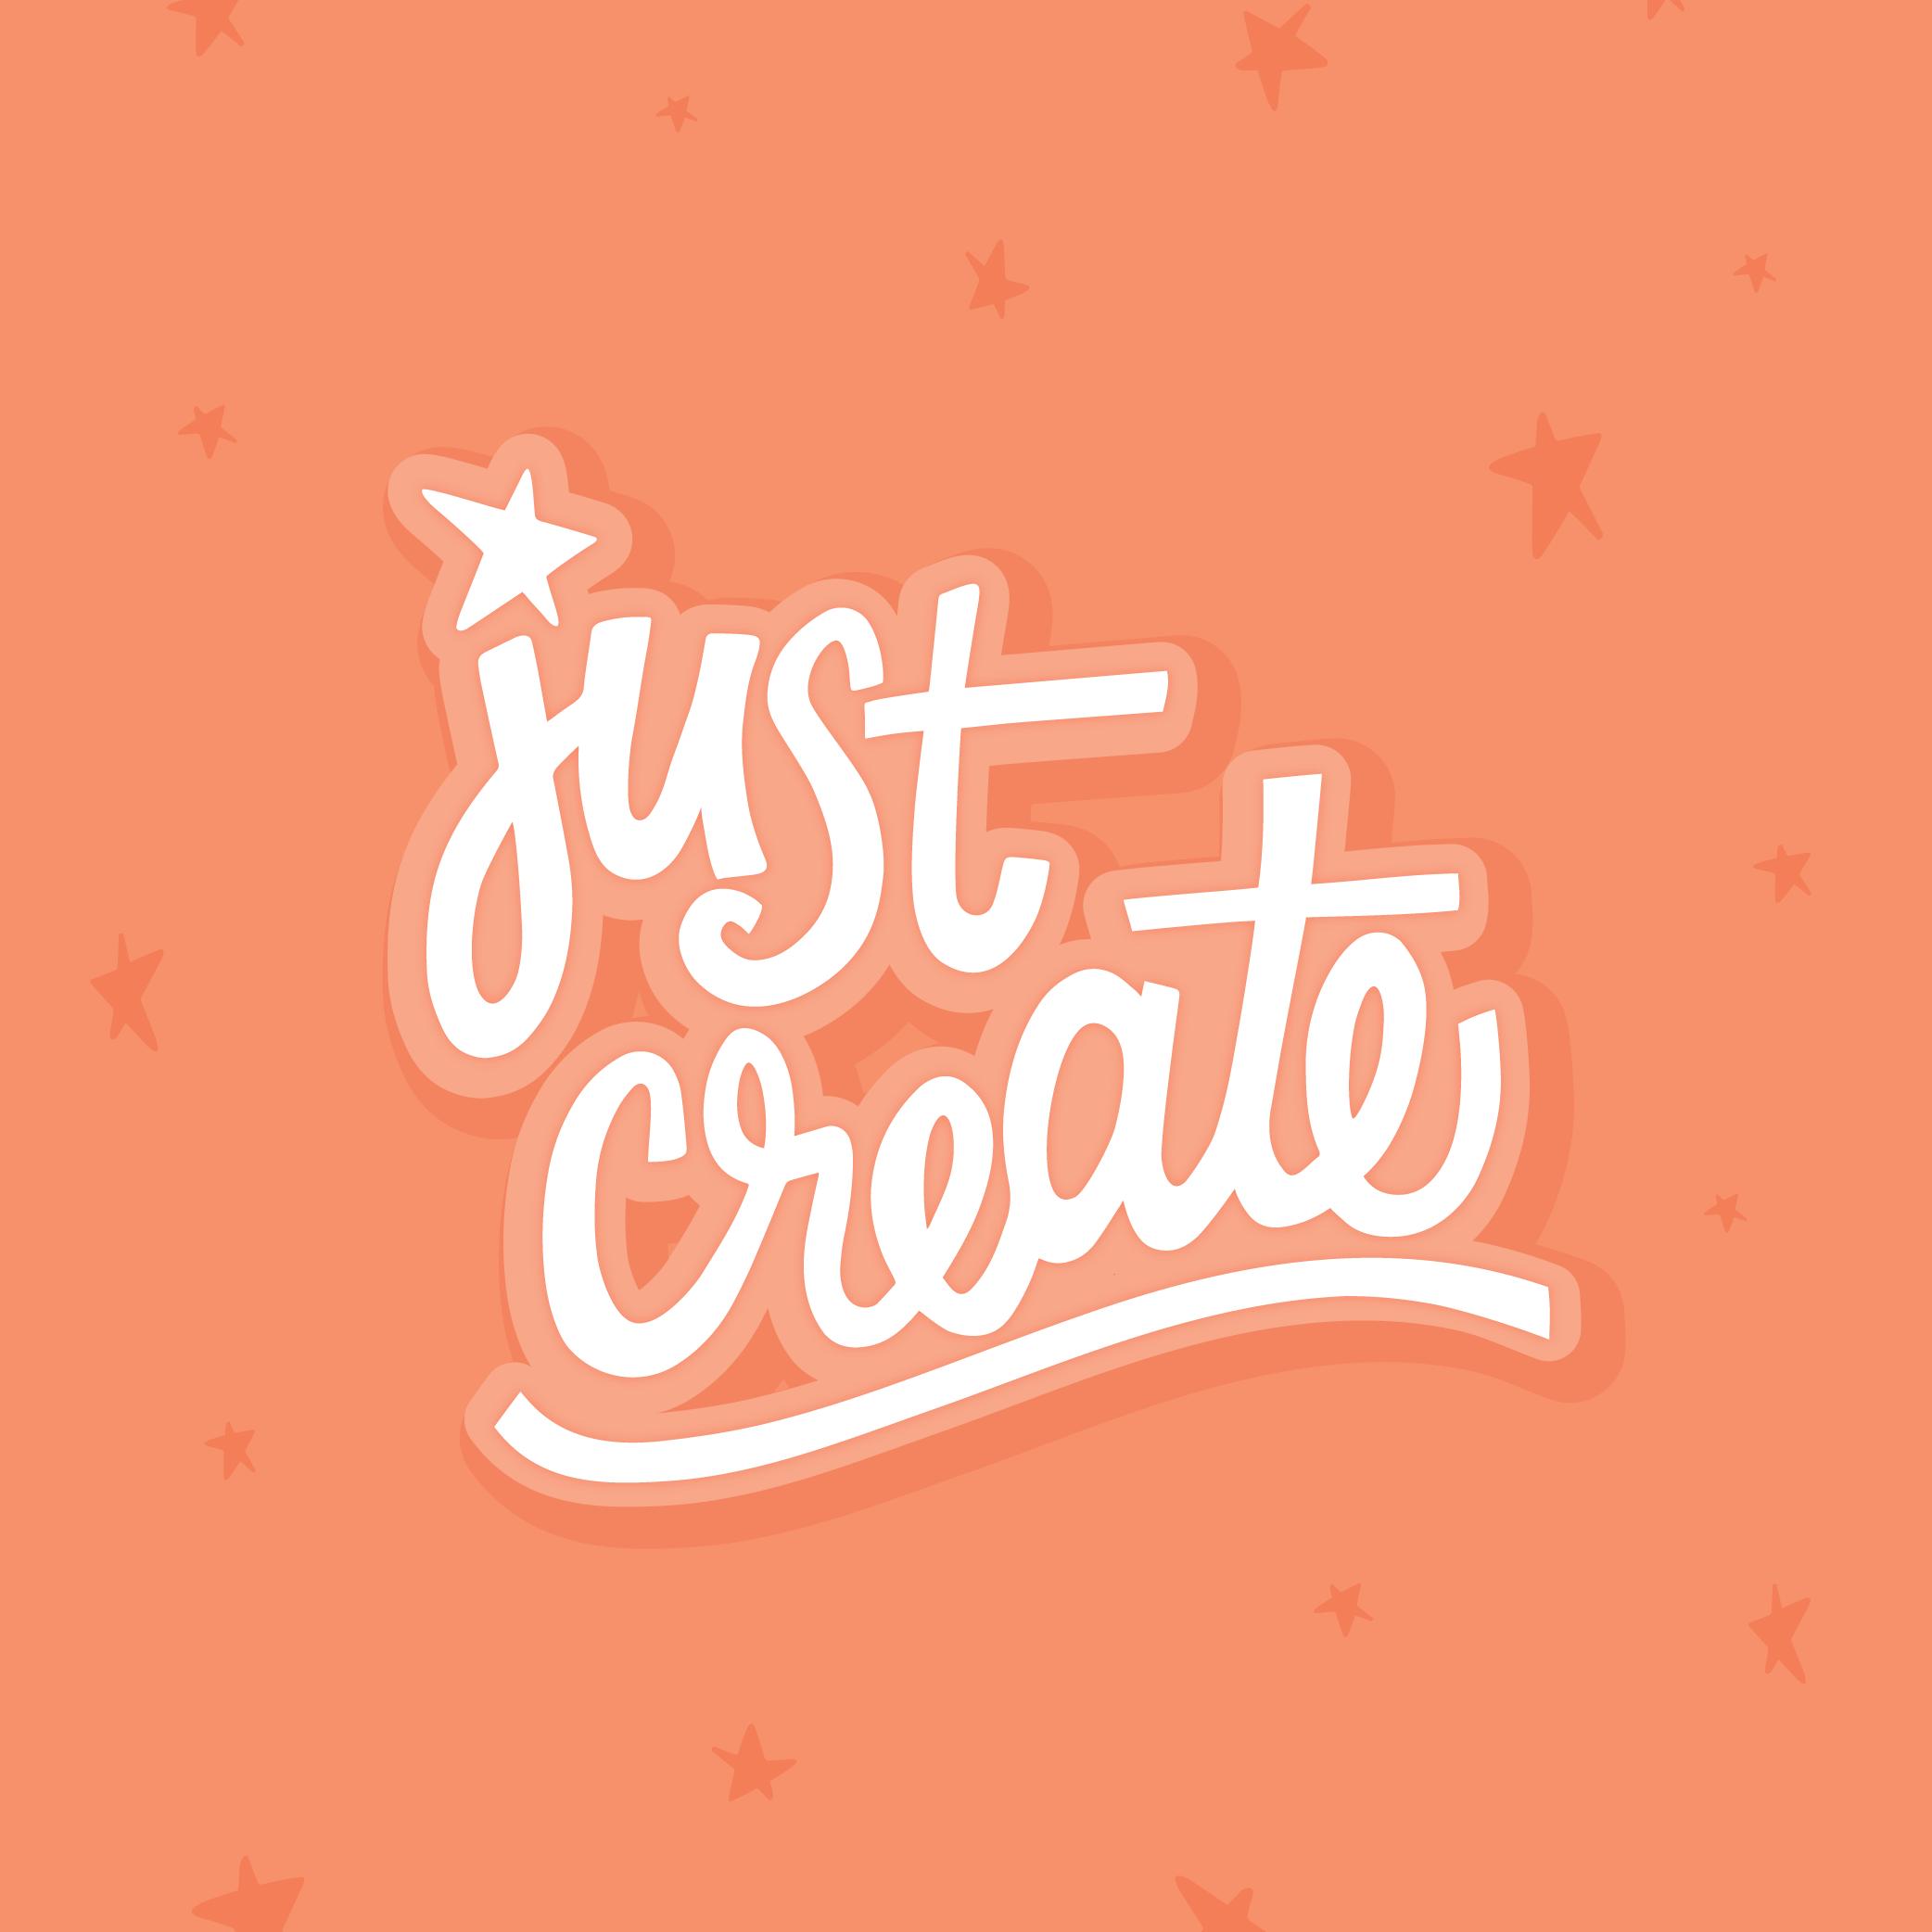 lettering-illustration-portfolio-04.png